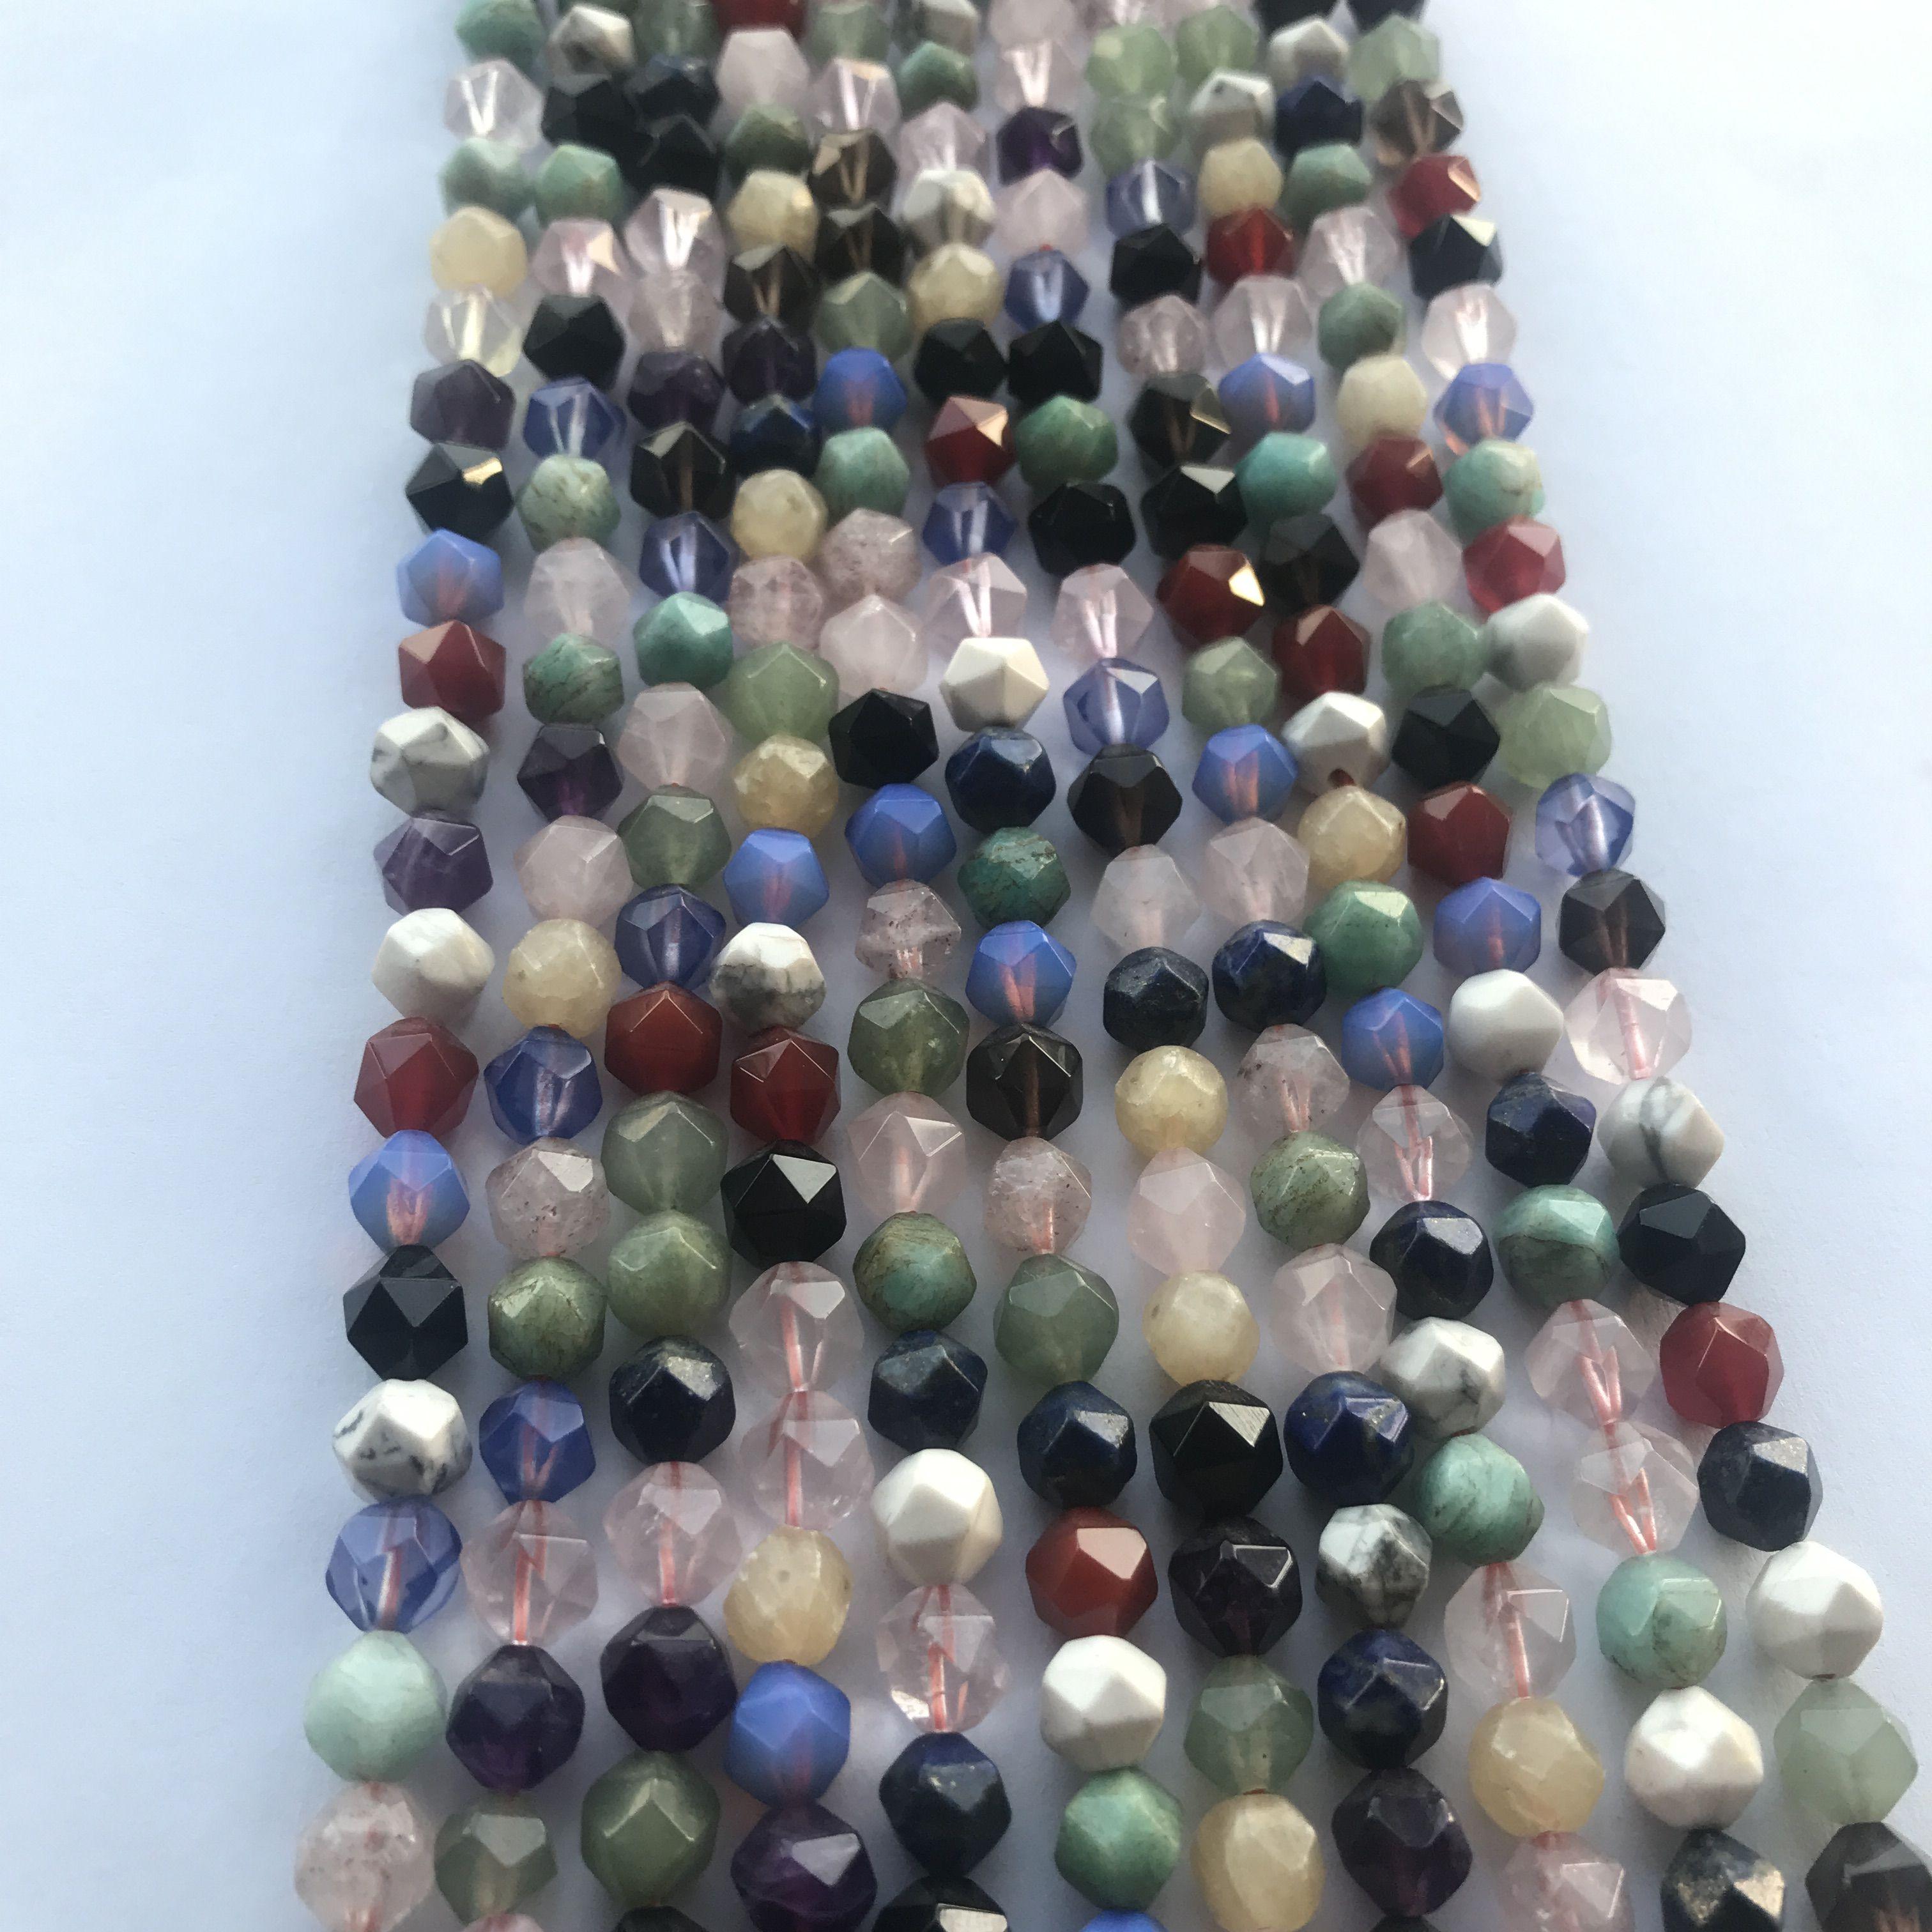 Beads Dogaltas Kolye Bileklik Kolyemodelleri Bileklikmodelleri Dogal Taslar Bileklik